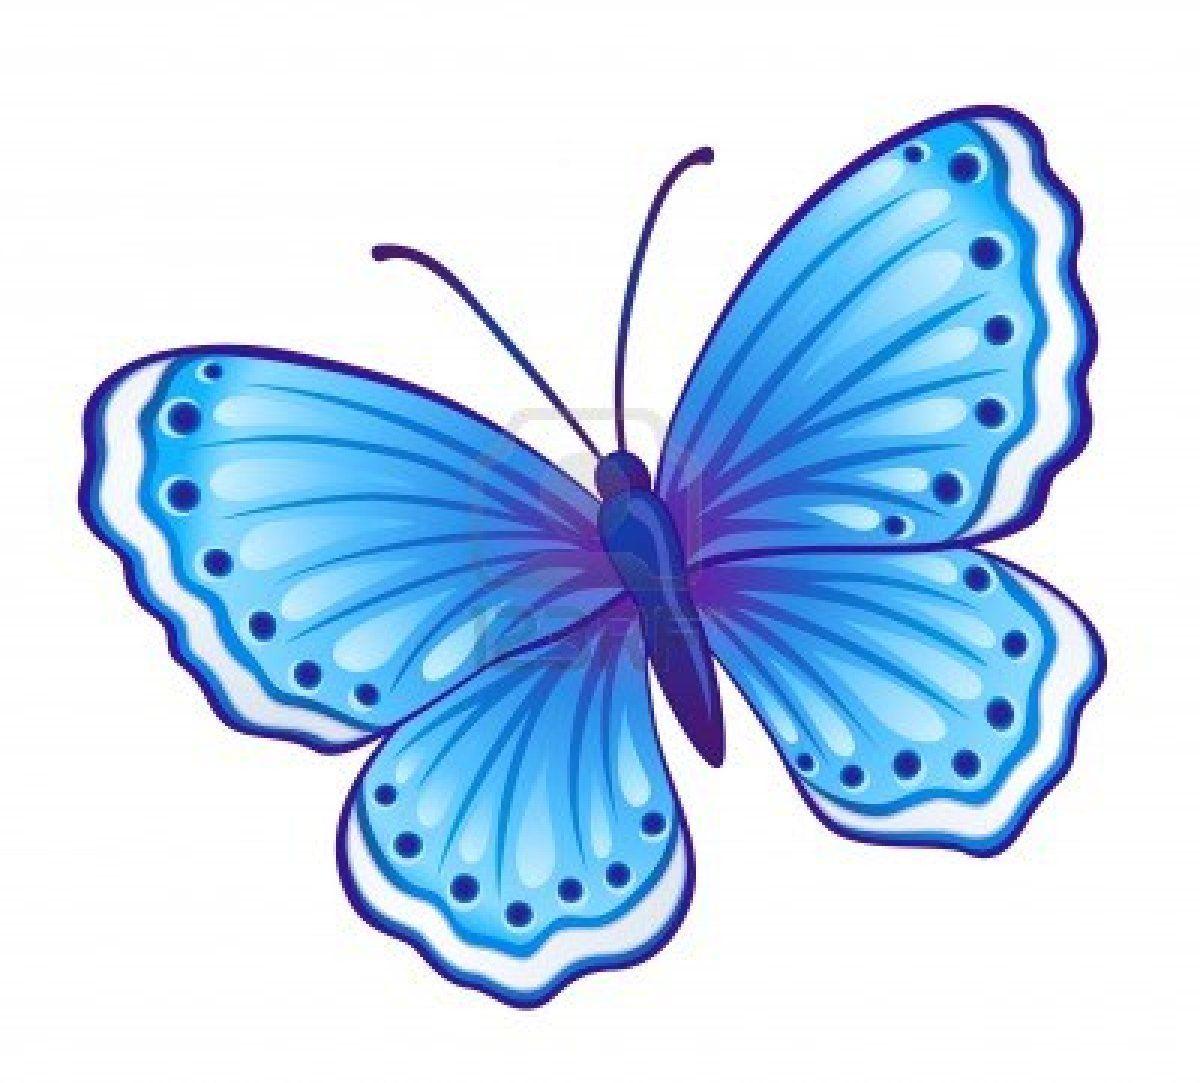 dessin en couleurs imprimer animaux insectes papillon num ro 158557 pochoir pinterest. Black Bedroom Furniture Sets. Home Design Ideas